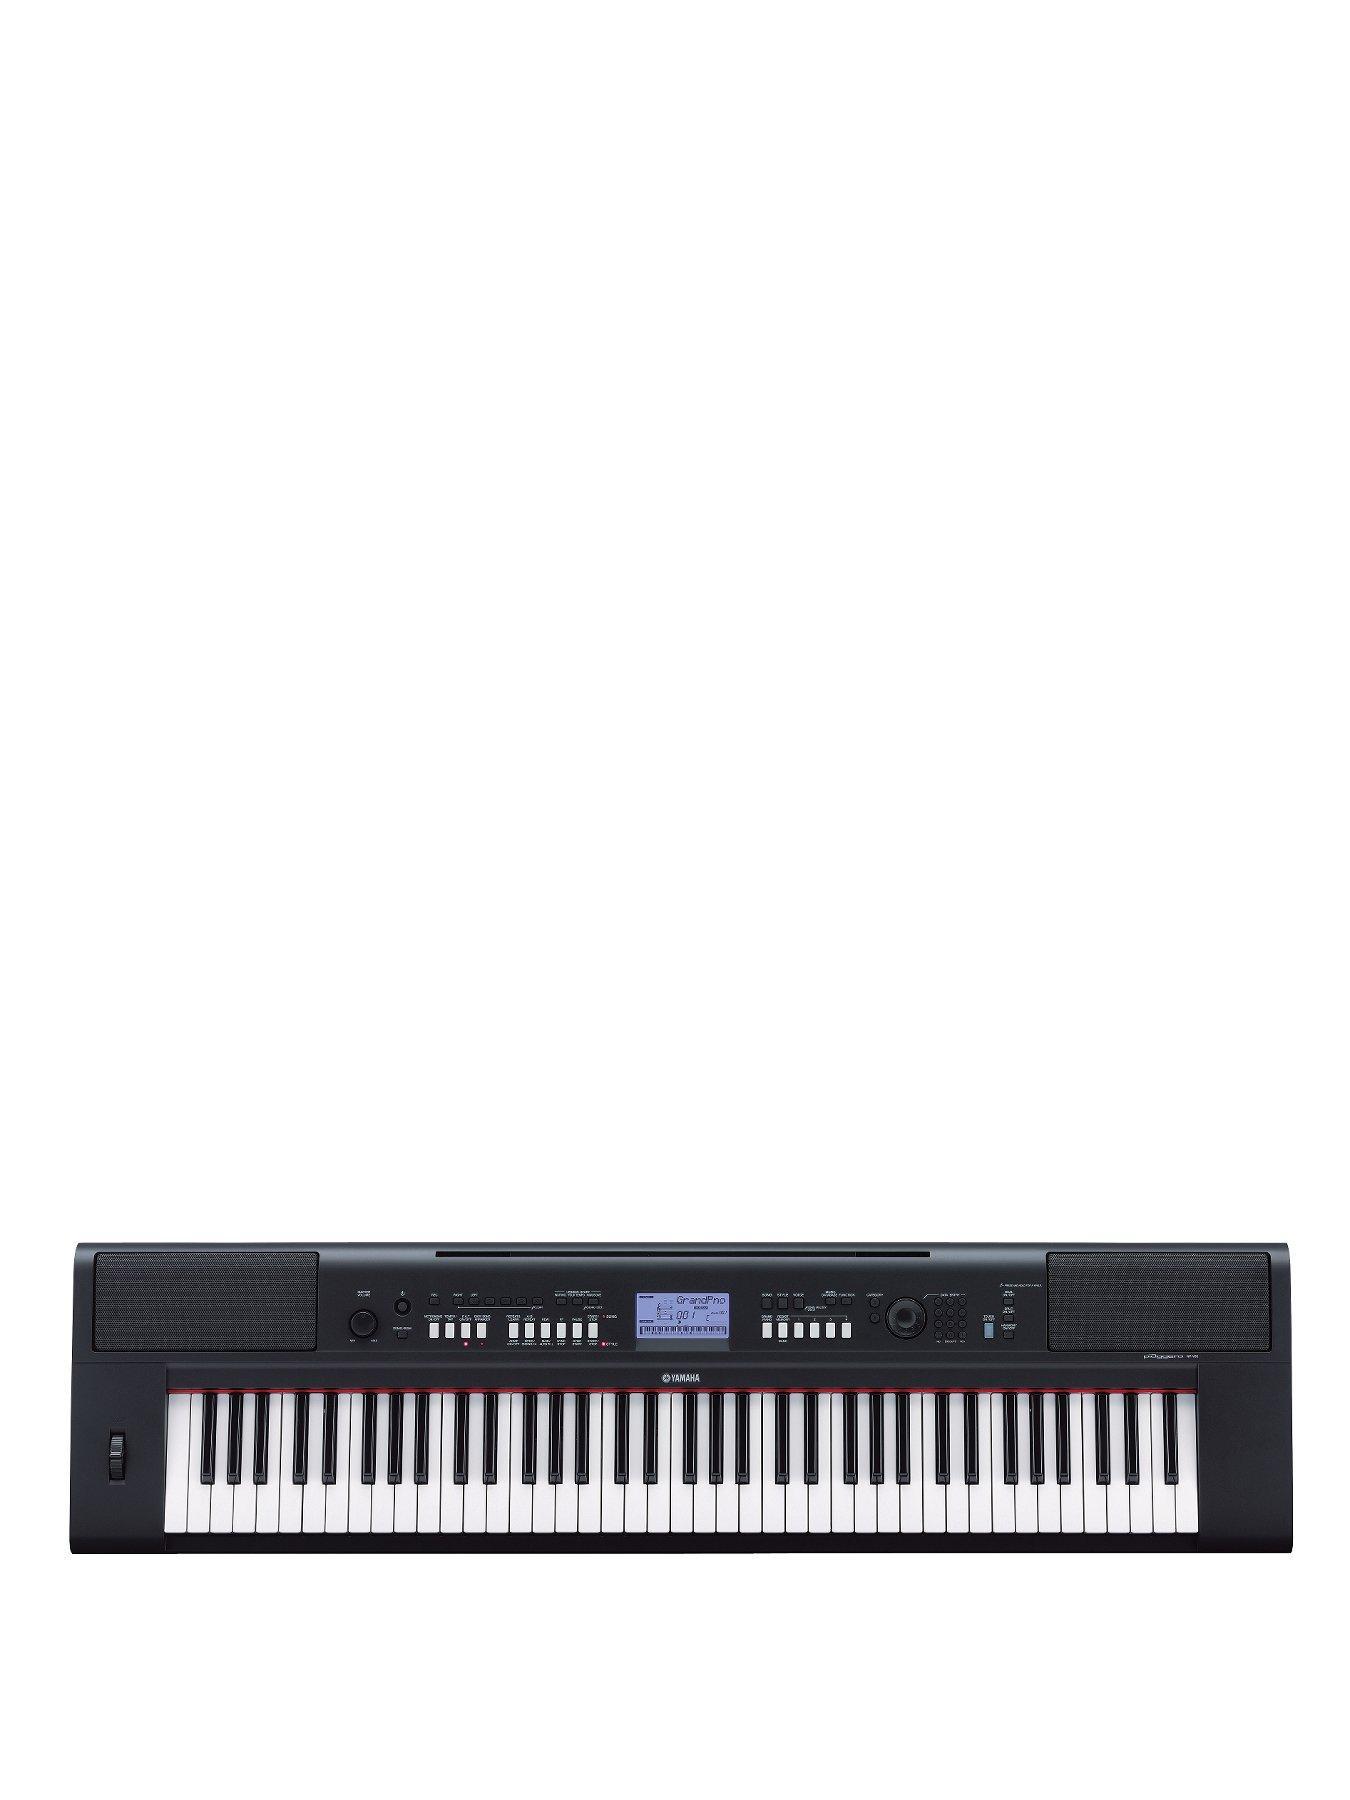 Yamaha Keyboard NP-V60 Musical Instrument